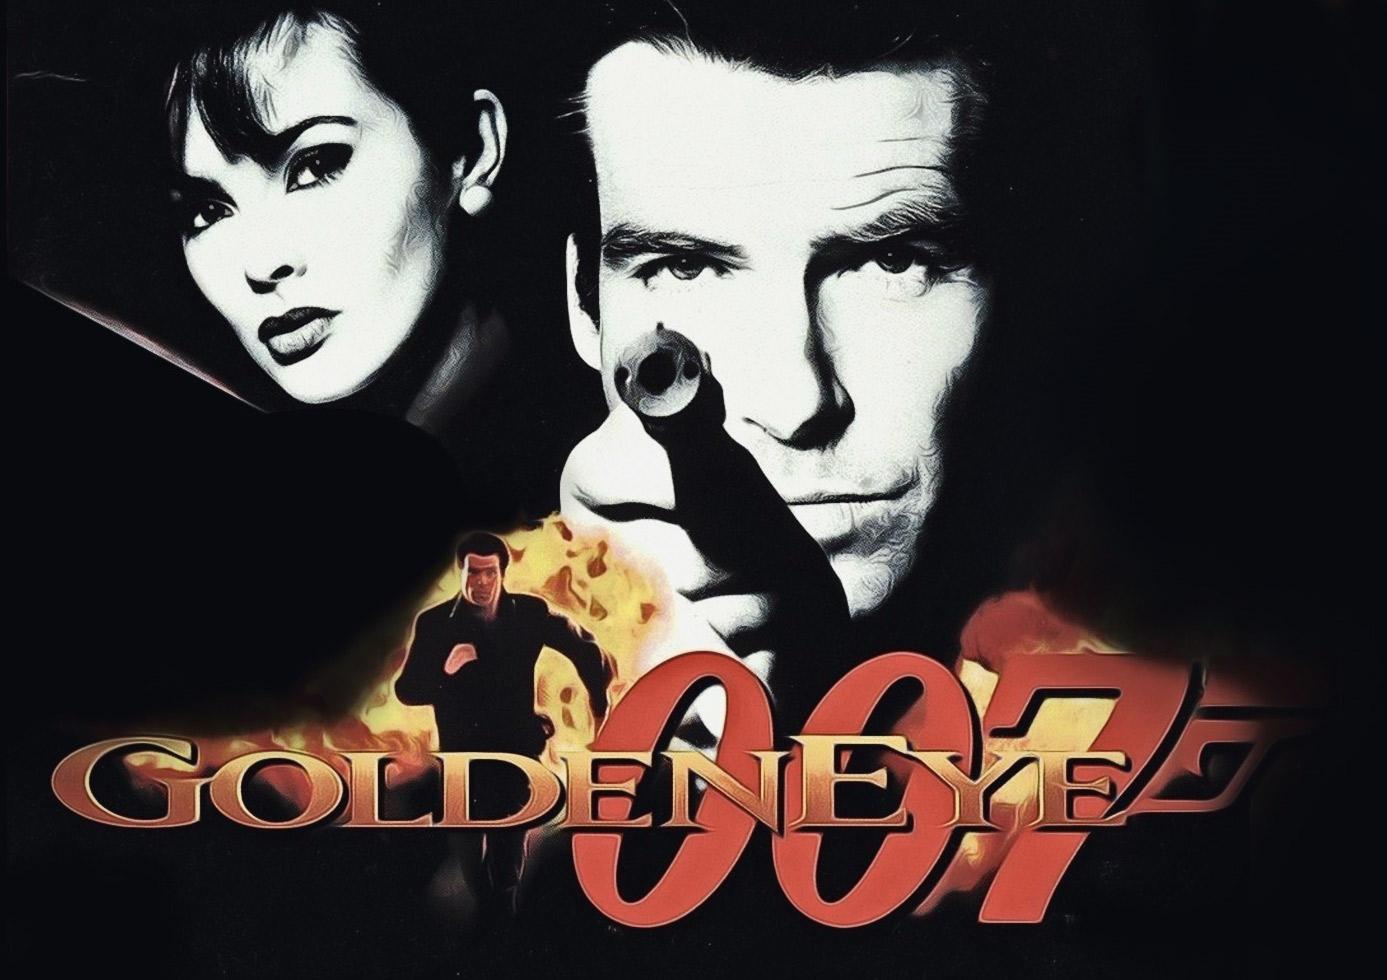 Versão jogável do remaster cancelado de GoldenEye 007 para o Xbox 360 vaza na internet